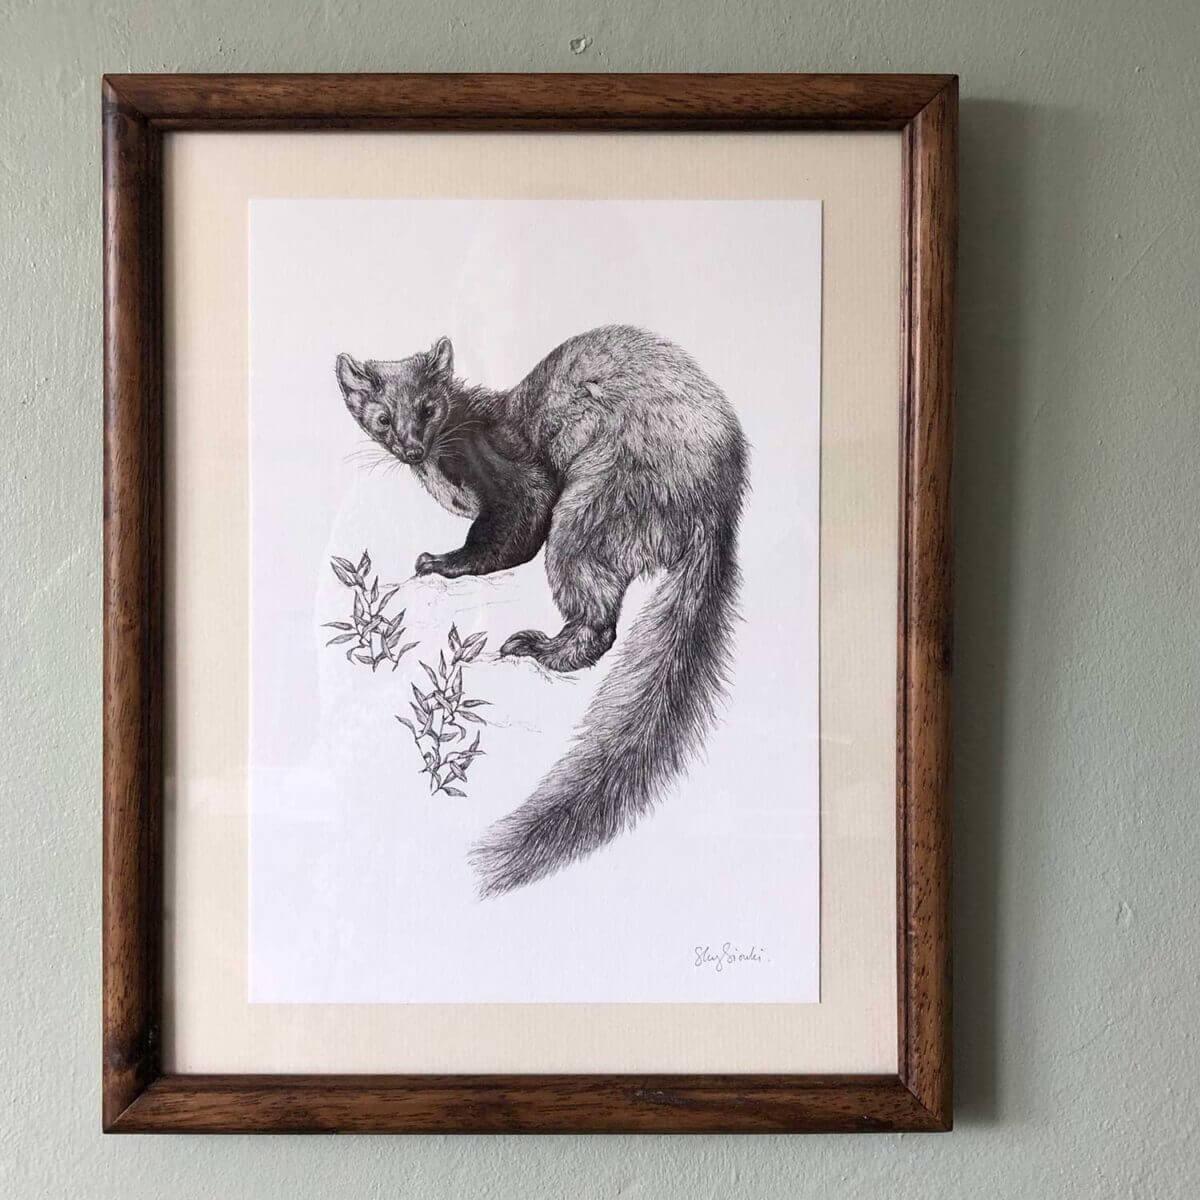 Pine-Marten-Print-Frame-Sky-Siouki